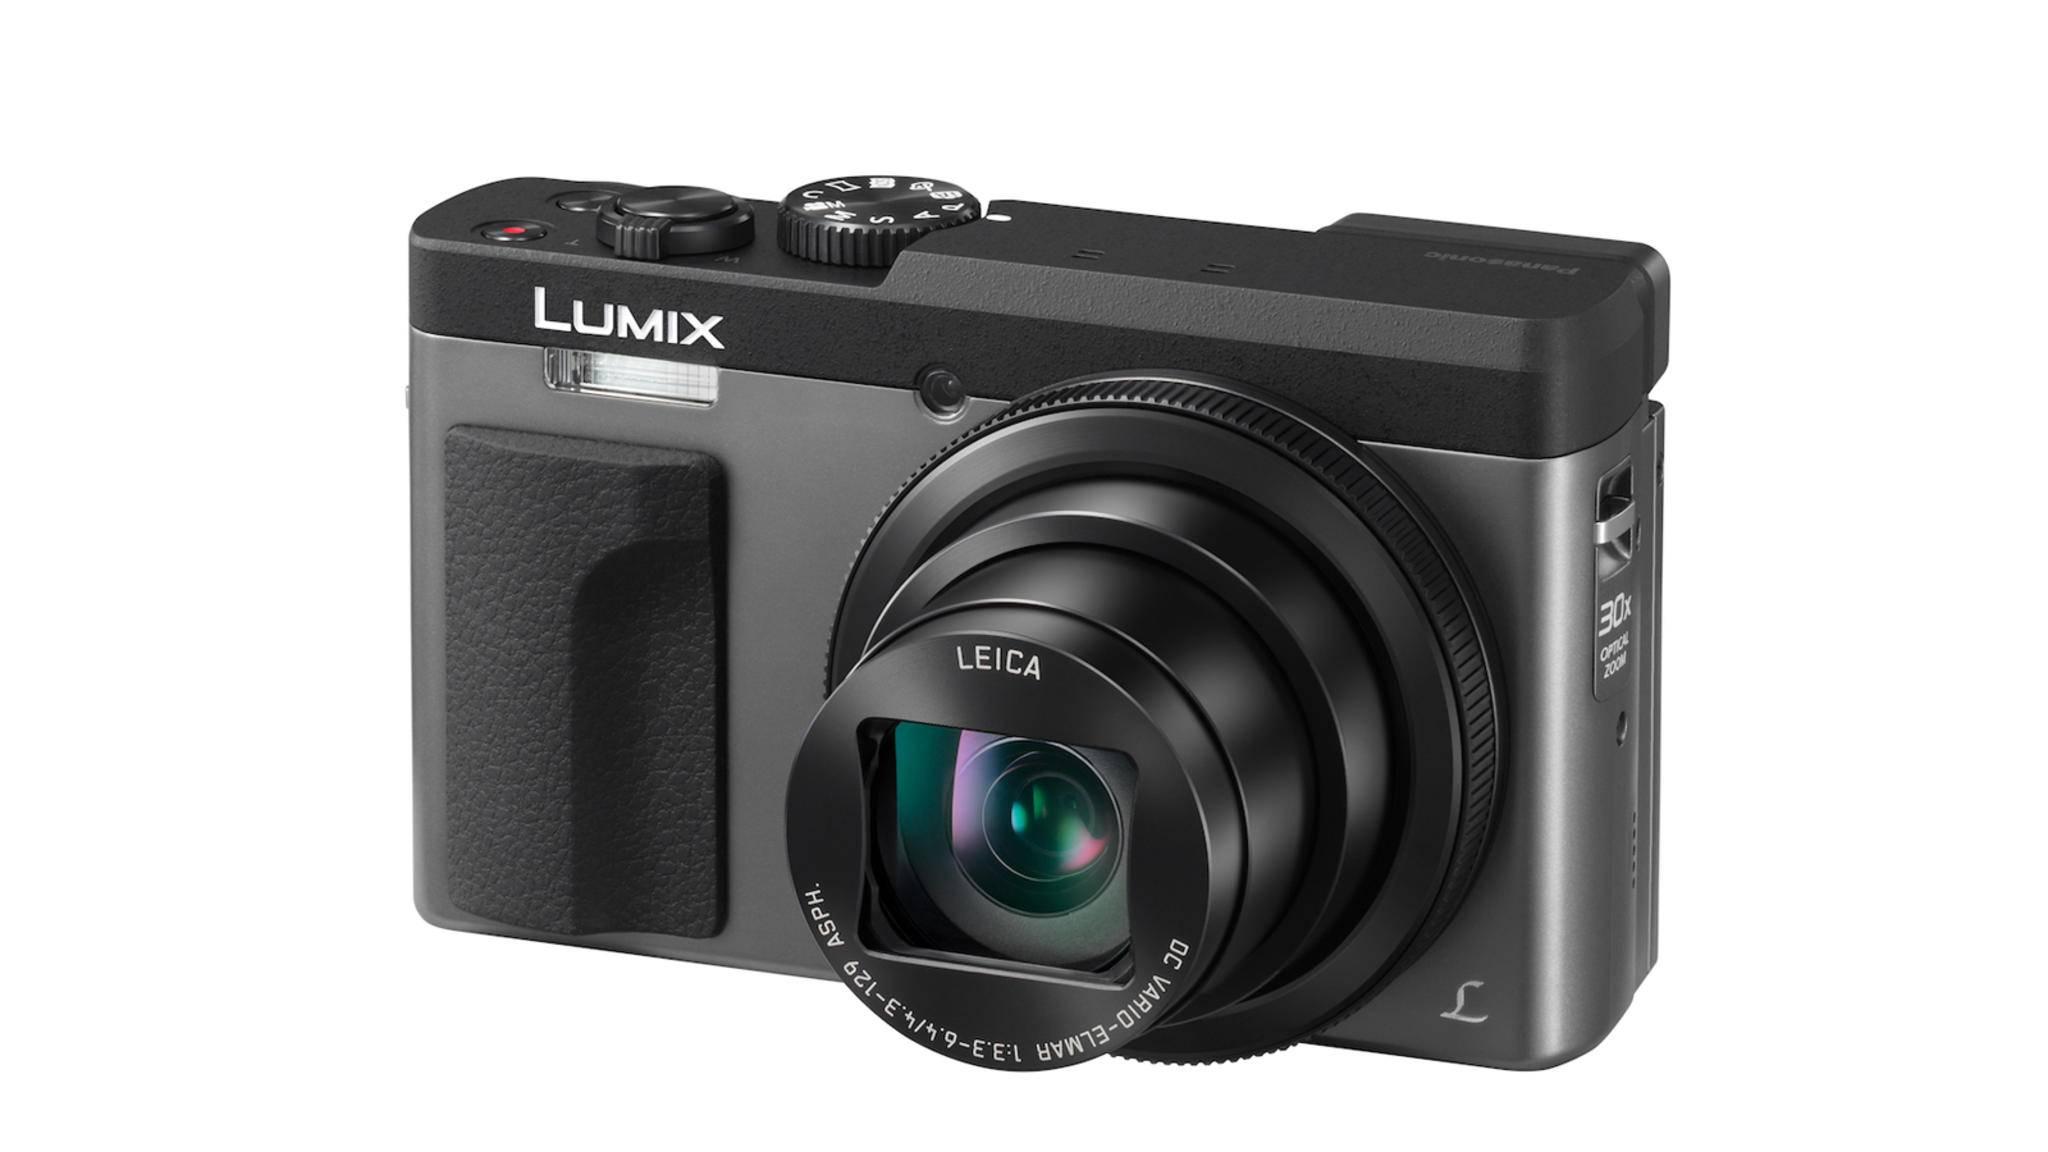 """Panasonic preist die neue Lumix TZ91 als """"ideale Kombination aus Kompaktheit und Zoomstärke"""" an."""